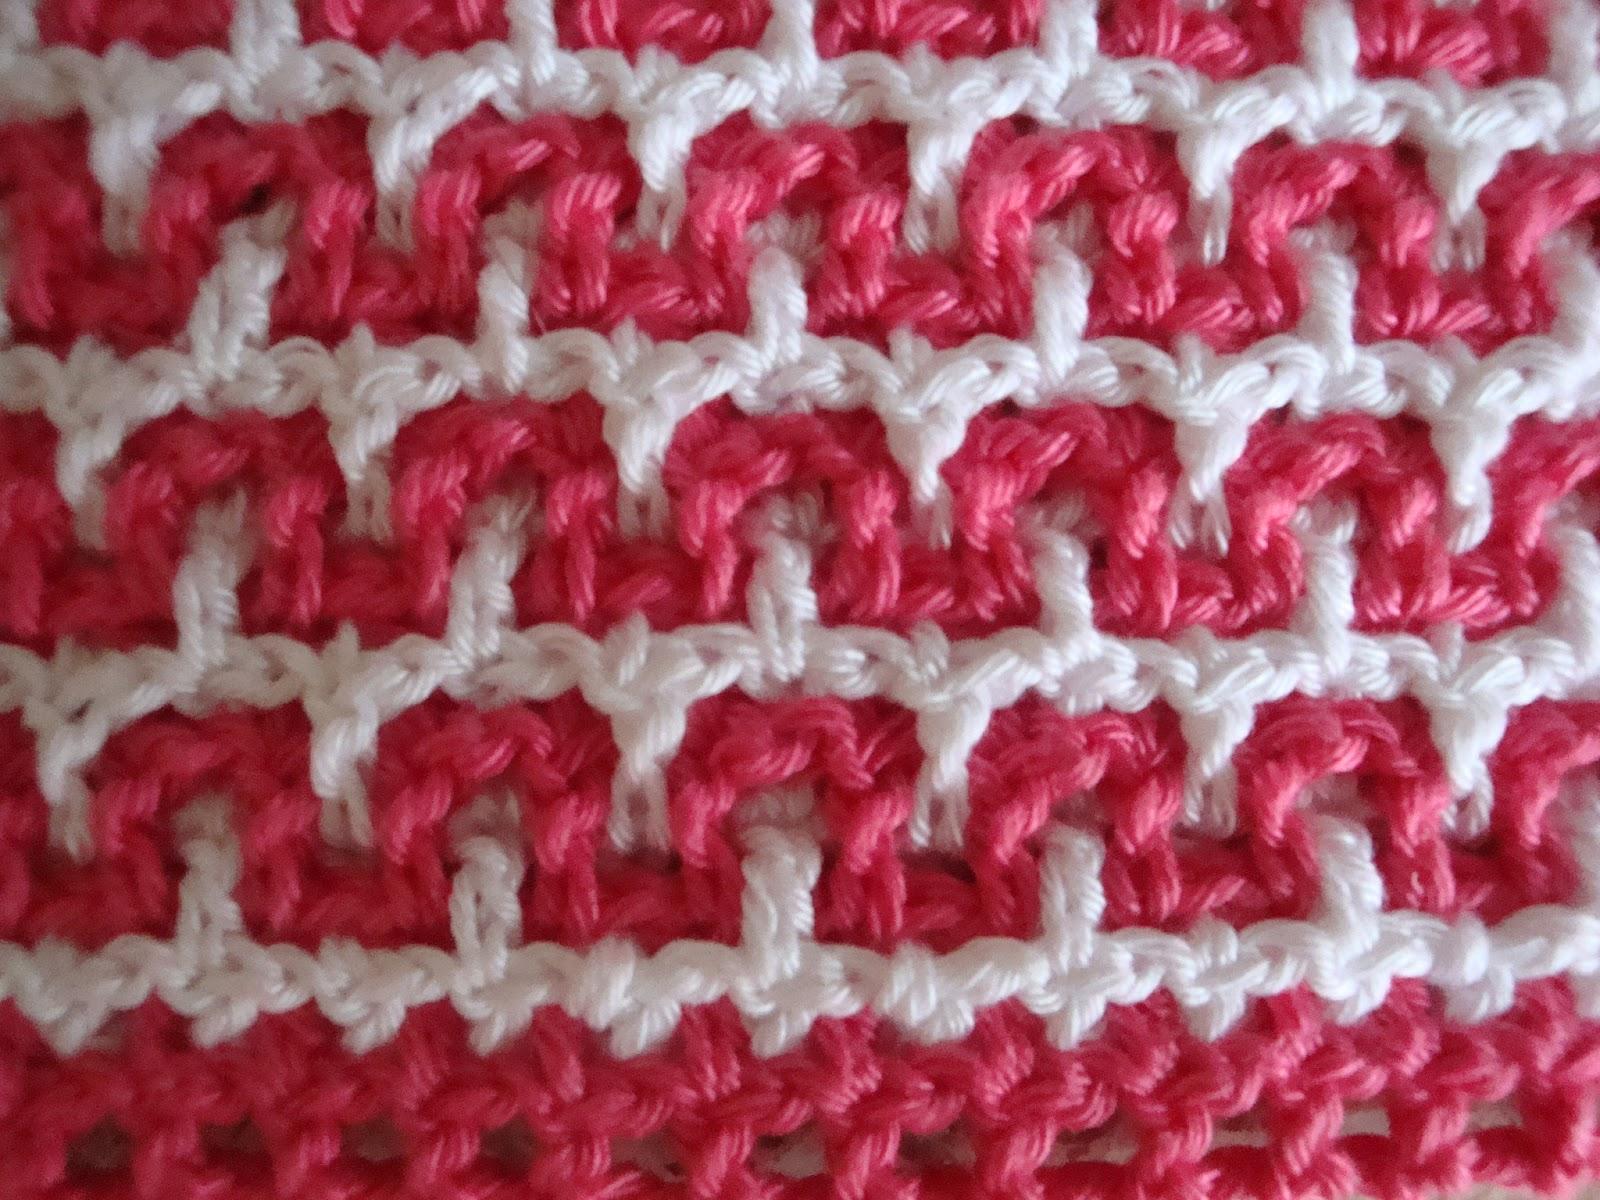 Annas Haakwerk Interlocking Crochet Dubbelzijdig Haakwerk